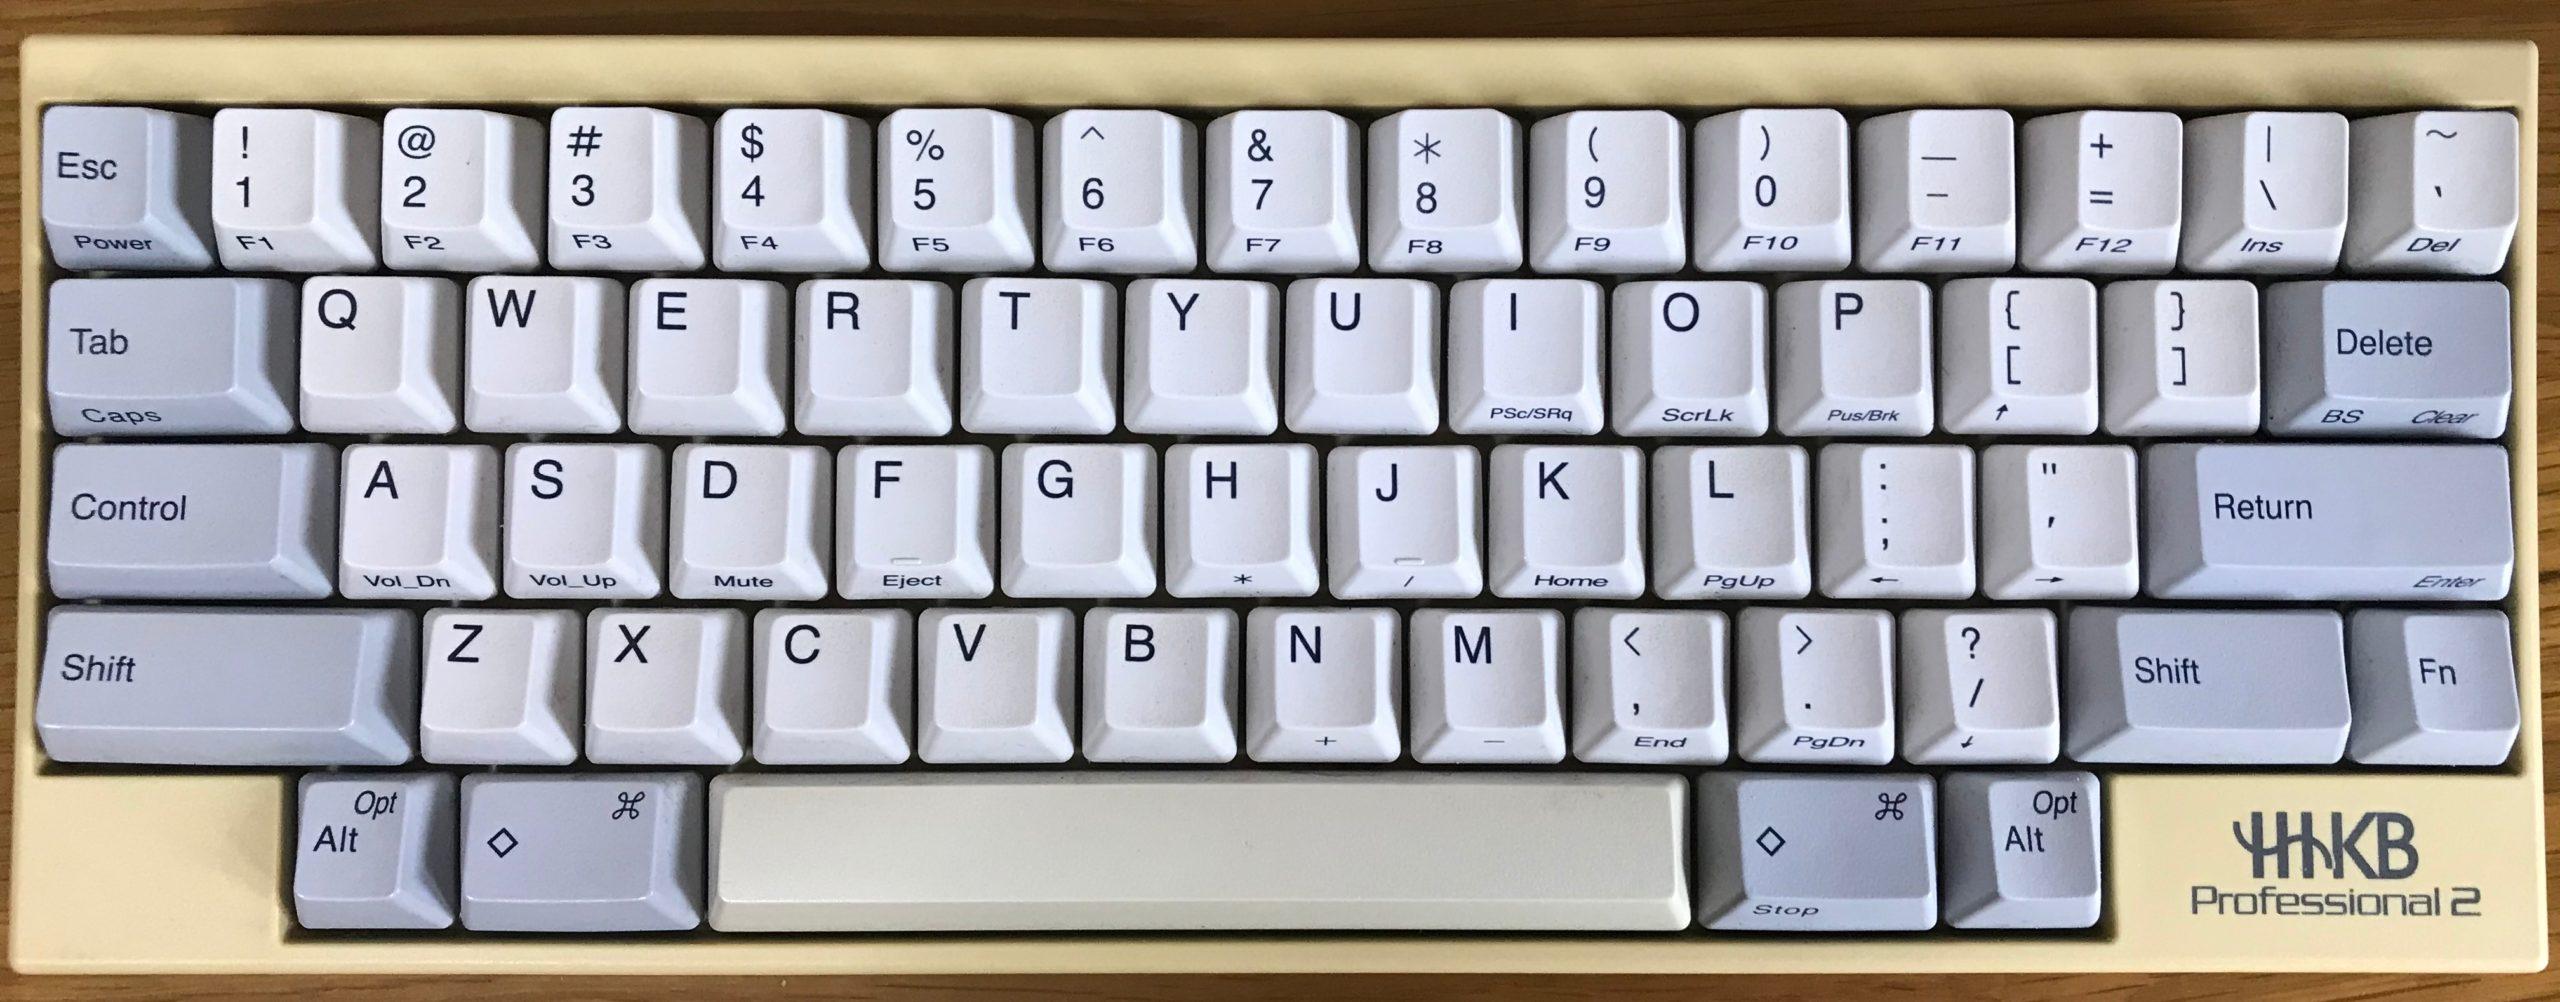 「2.5万円のキーボードを買って使ってみた感想。コミュ障卒業と全く同じだなって思った話」のアイキャッチ画像